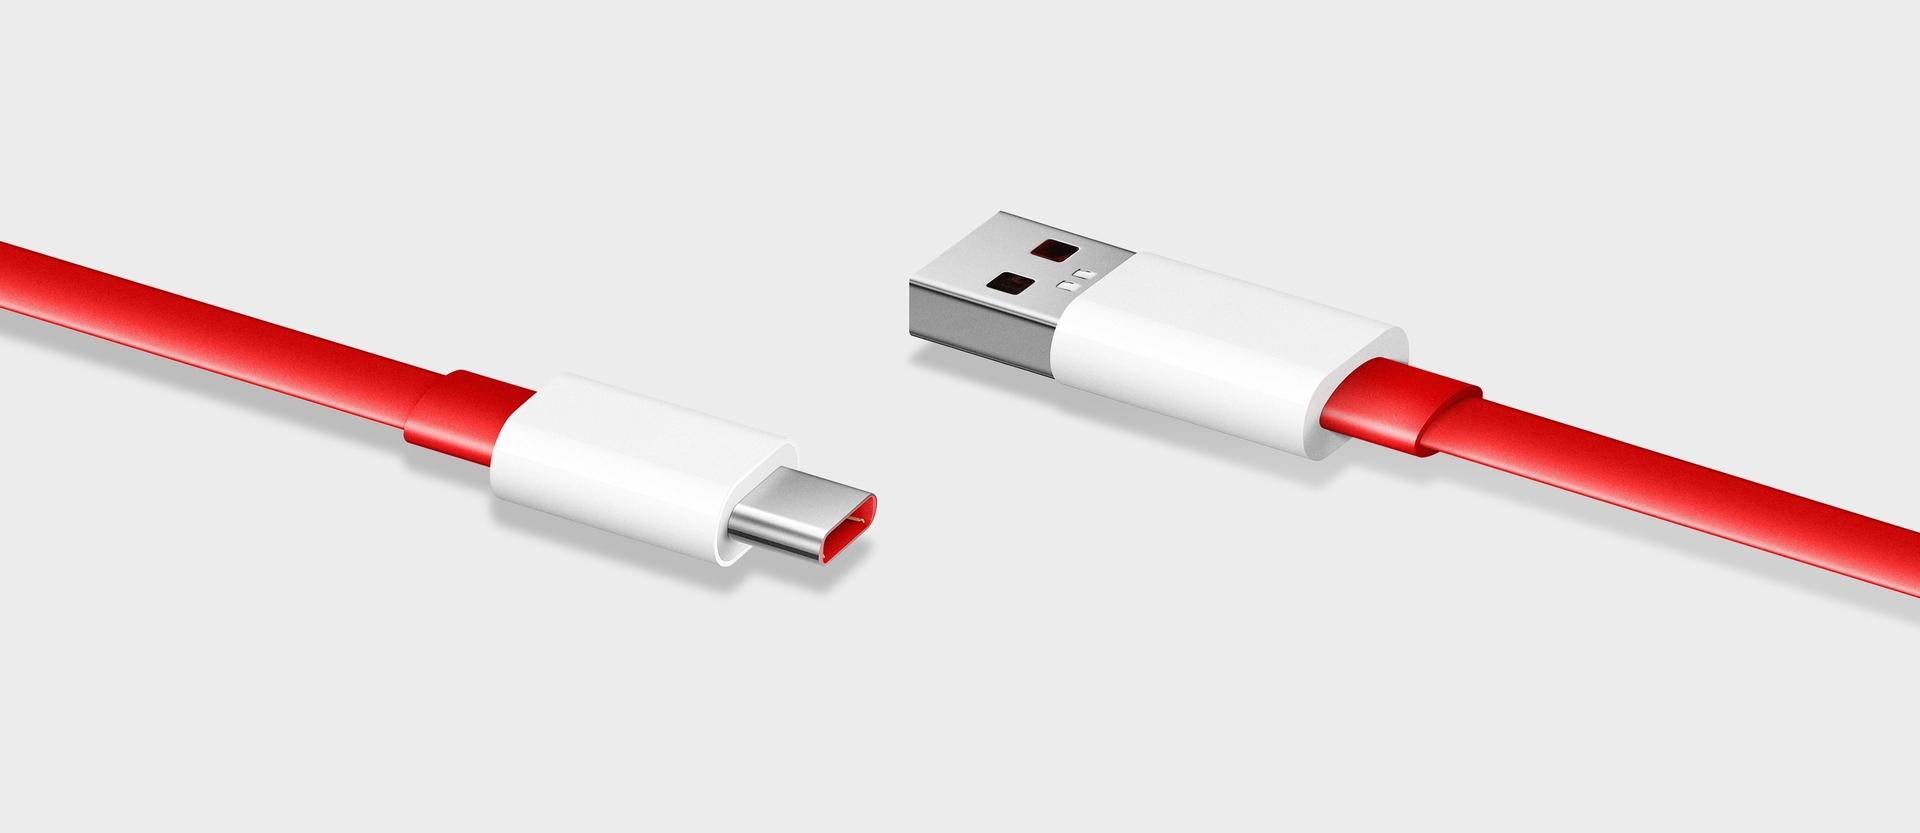 Представлен новый логотип USB Type-C, теперь будет проще определять мощность и скорость передачи данных аксессуаров